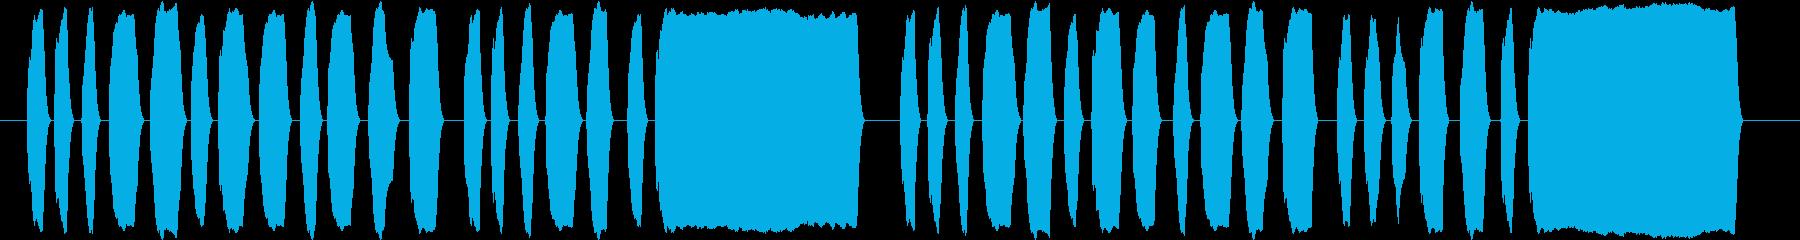 素材 リコーダー 楽しい ノリノリの再生済みの波形